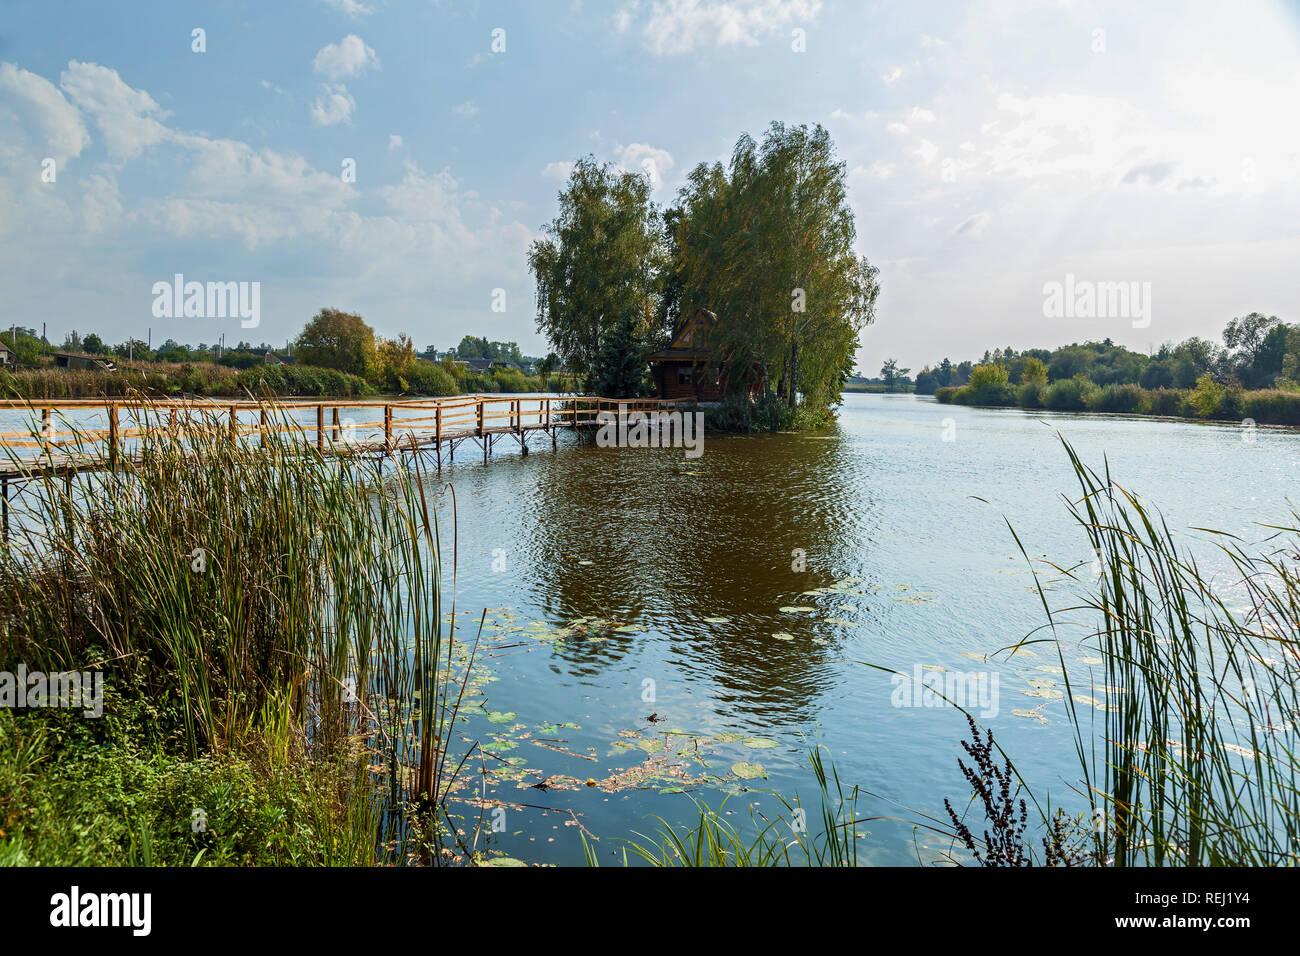 Kleines Haus der Insel. Landschaft mit Brücke zum Haus am See. Die ...